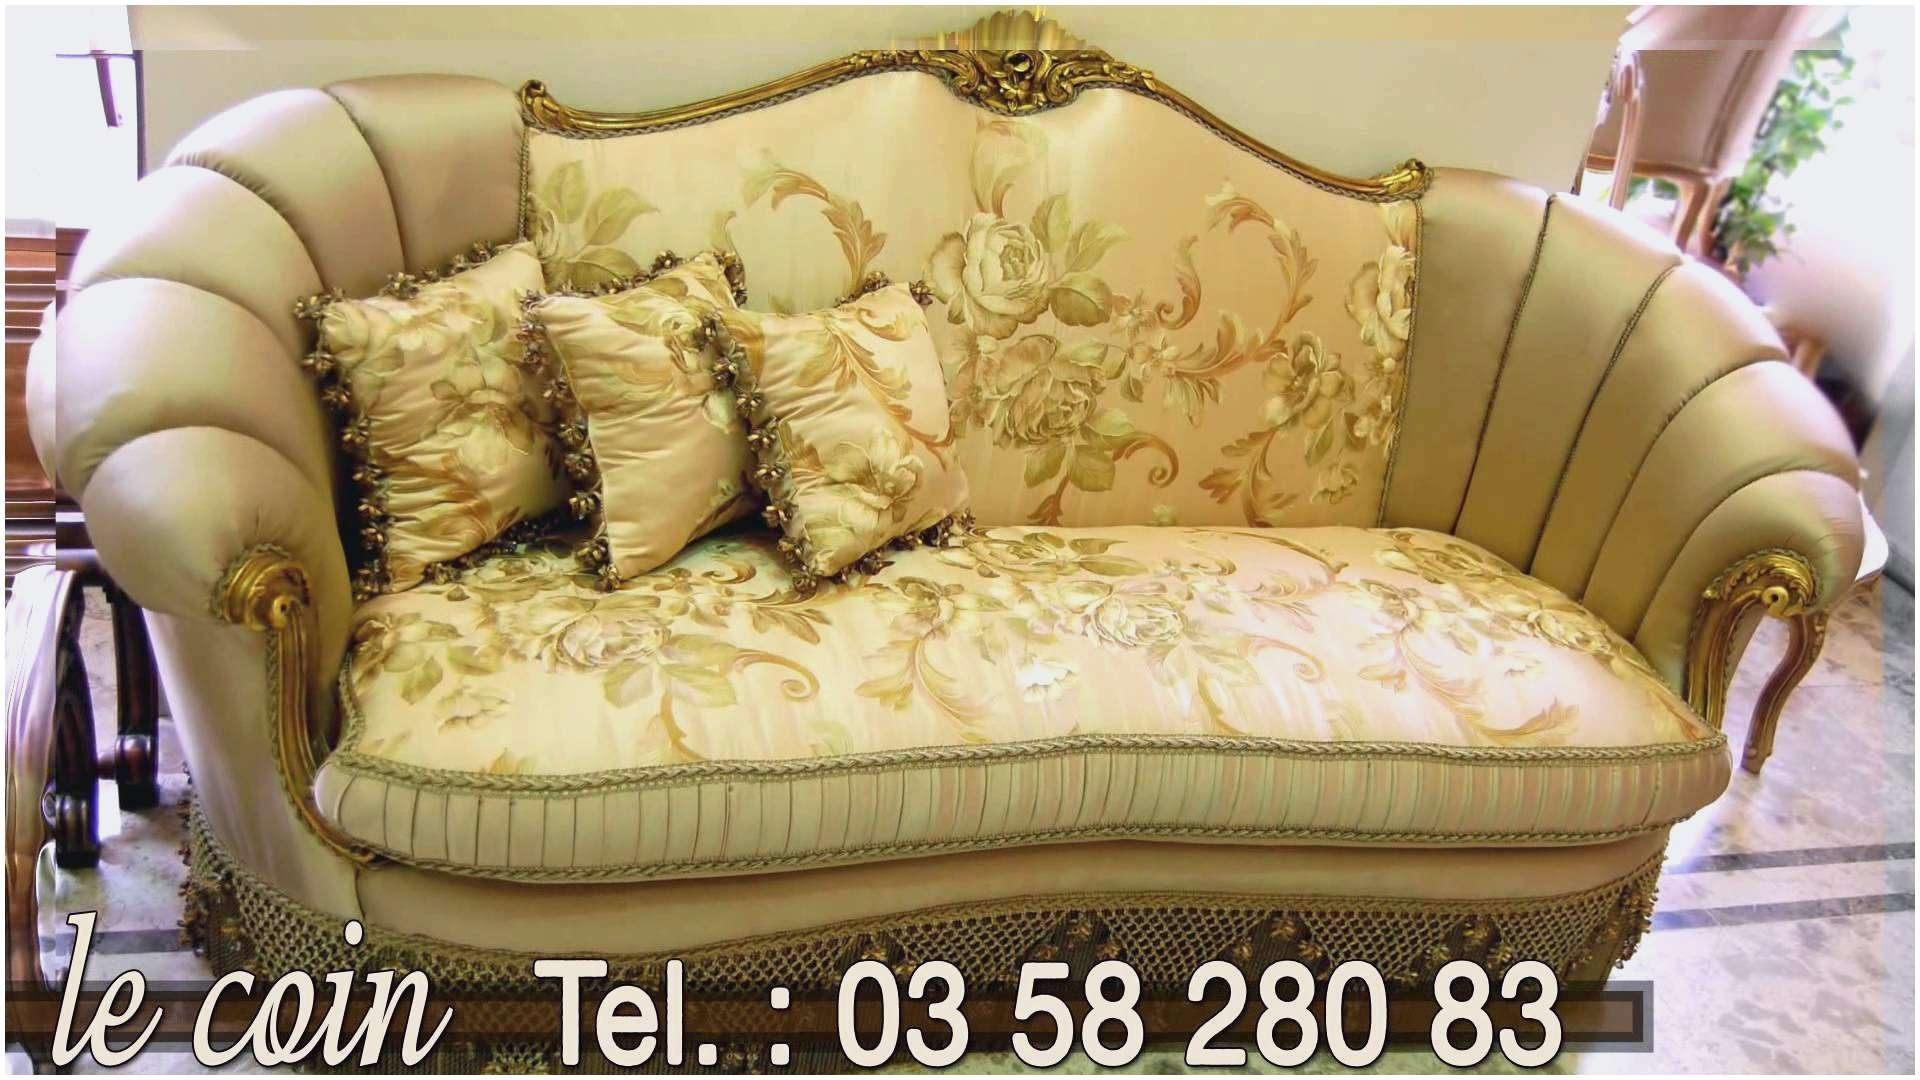 Lit Bebe Promo Luxe 70 La Maison De Valerie Meuble Scheme Jongor4hire